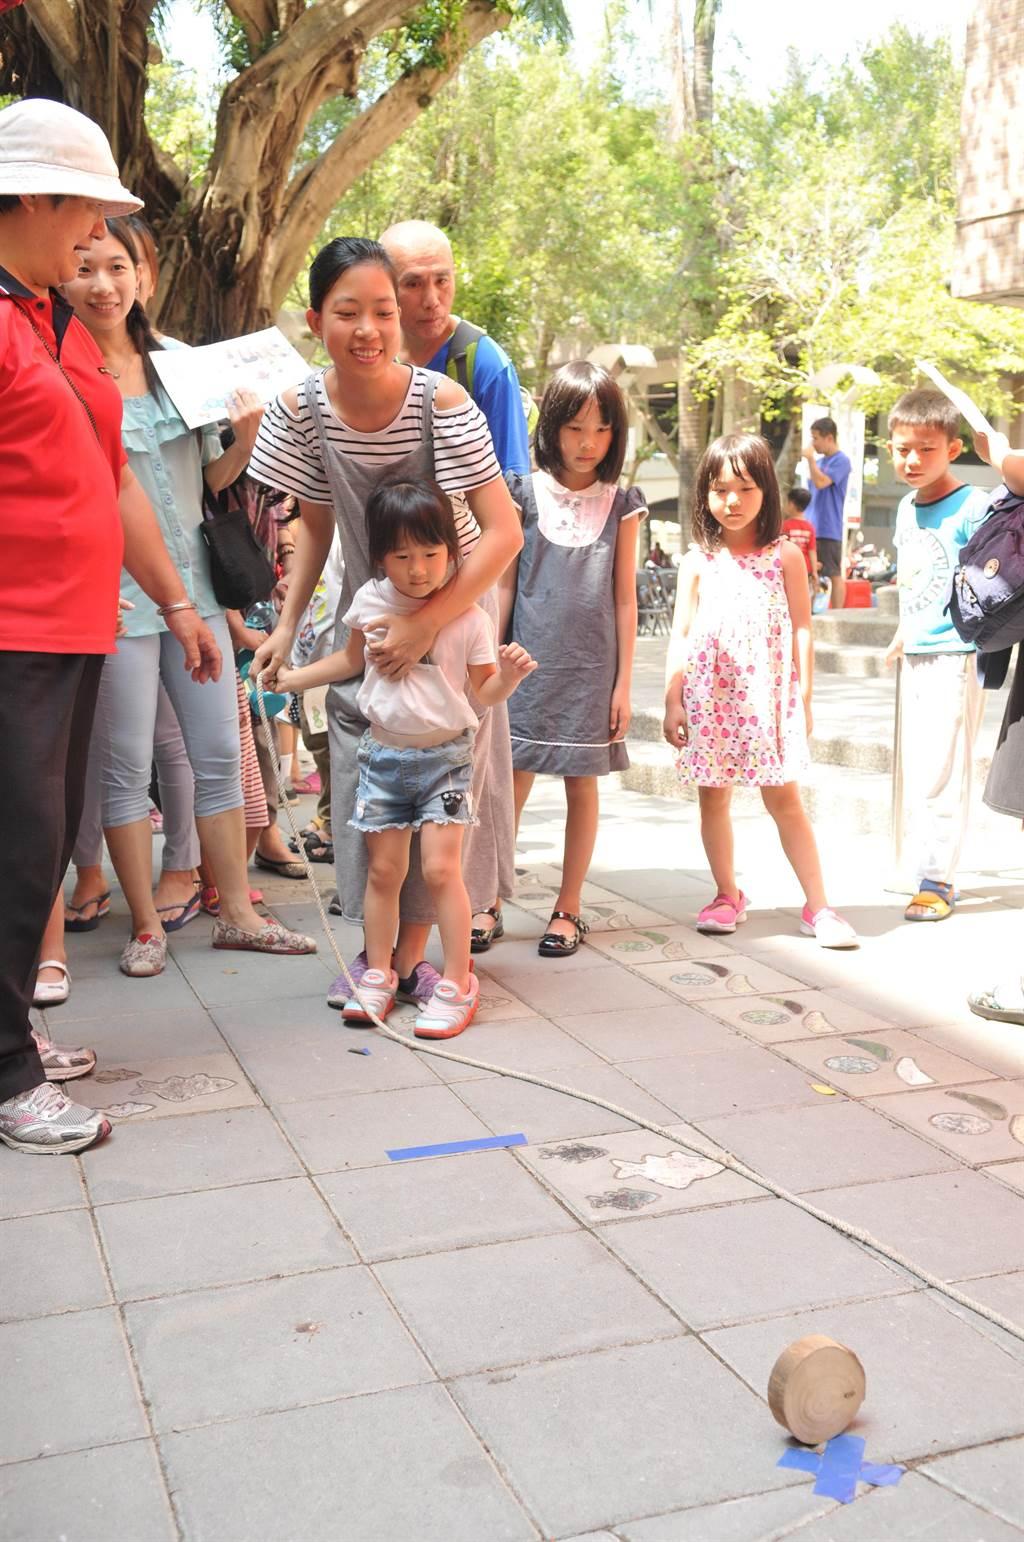 為紀念已故埔里在地文學家、民俗學家王灝,埔里鎮公所舉辦鄉土童玩體驗活動。(廖肇祥攝)